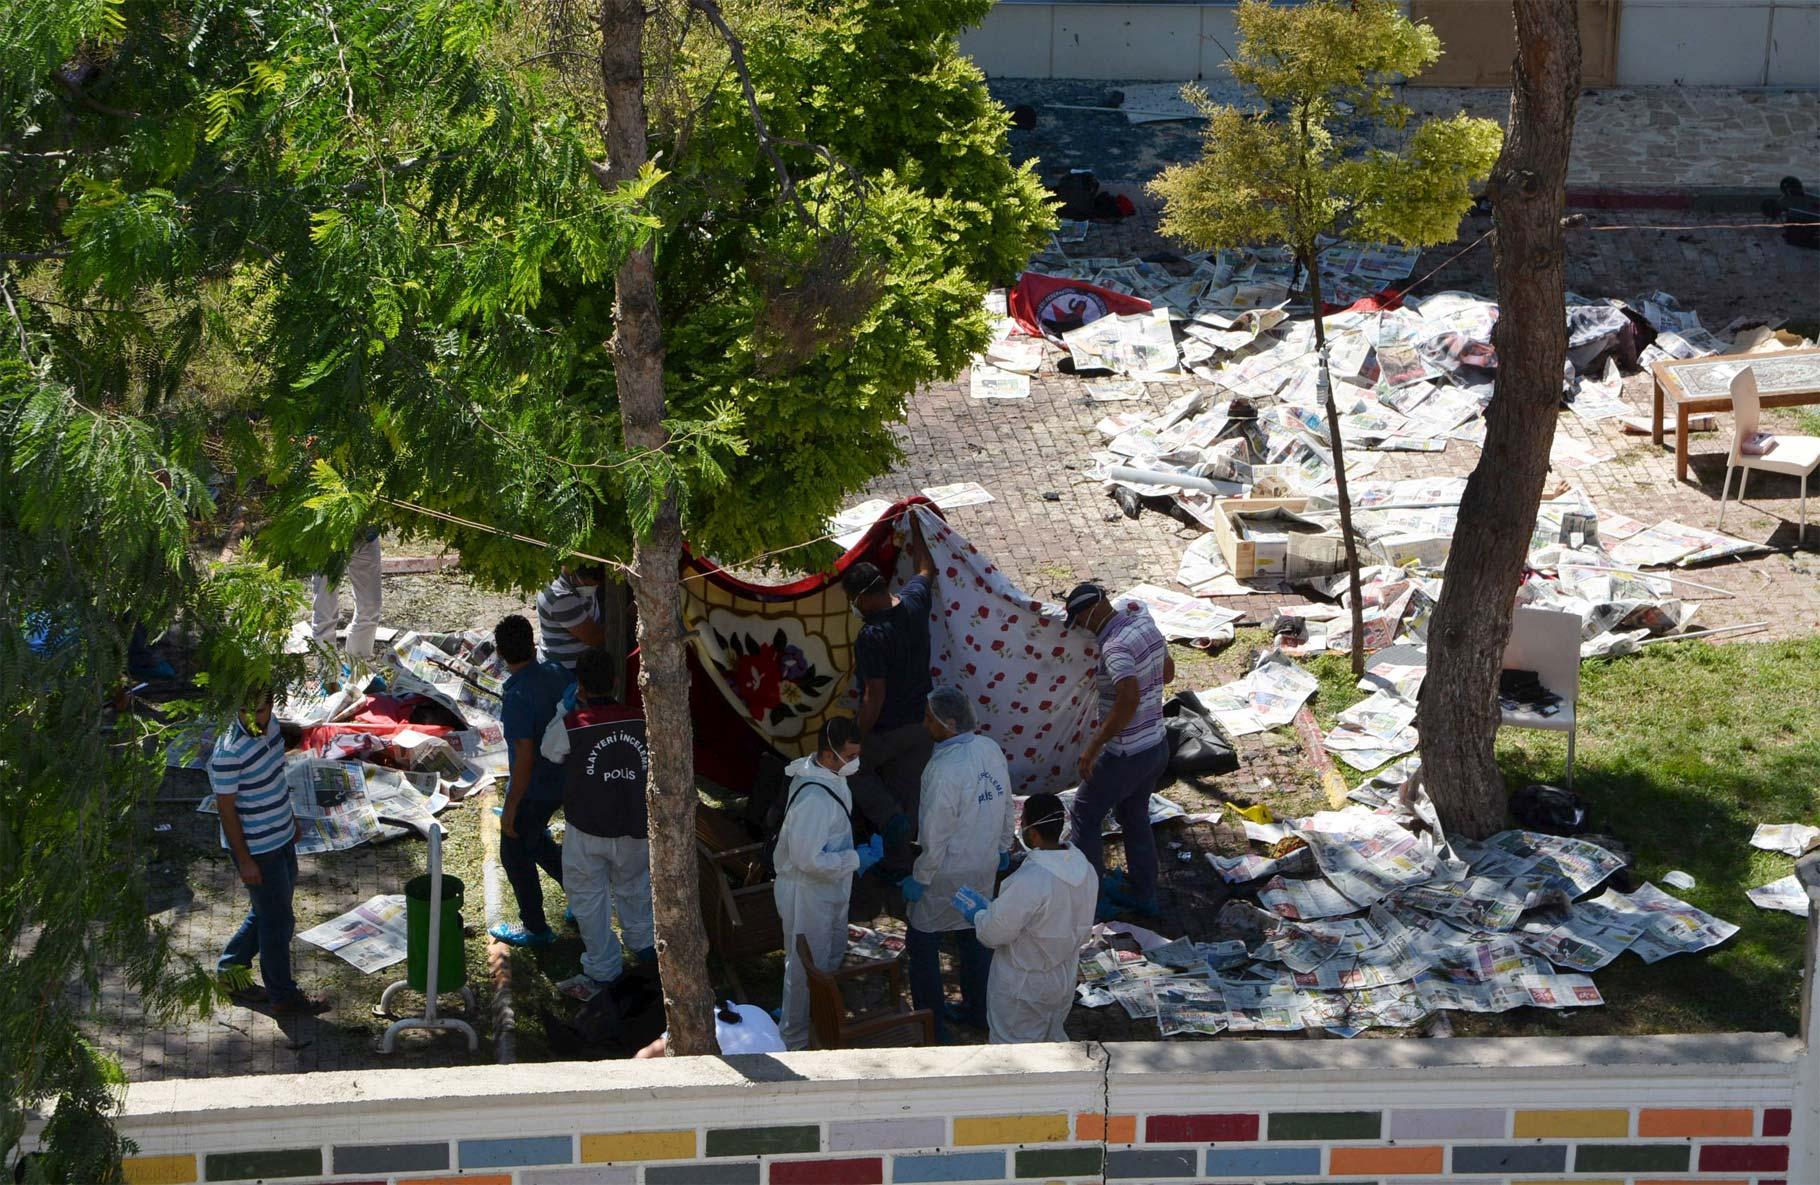 El saldo fue de 30 muertos en. Estado Islámico podría ser el responsable